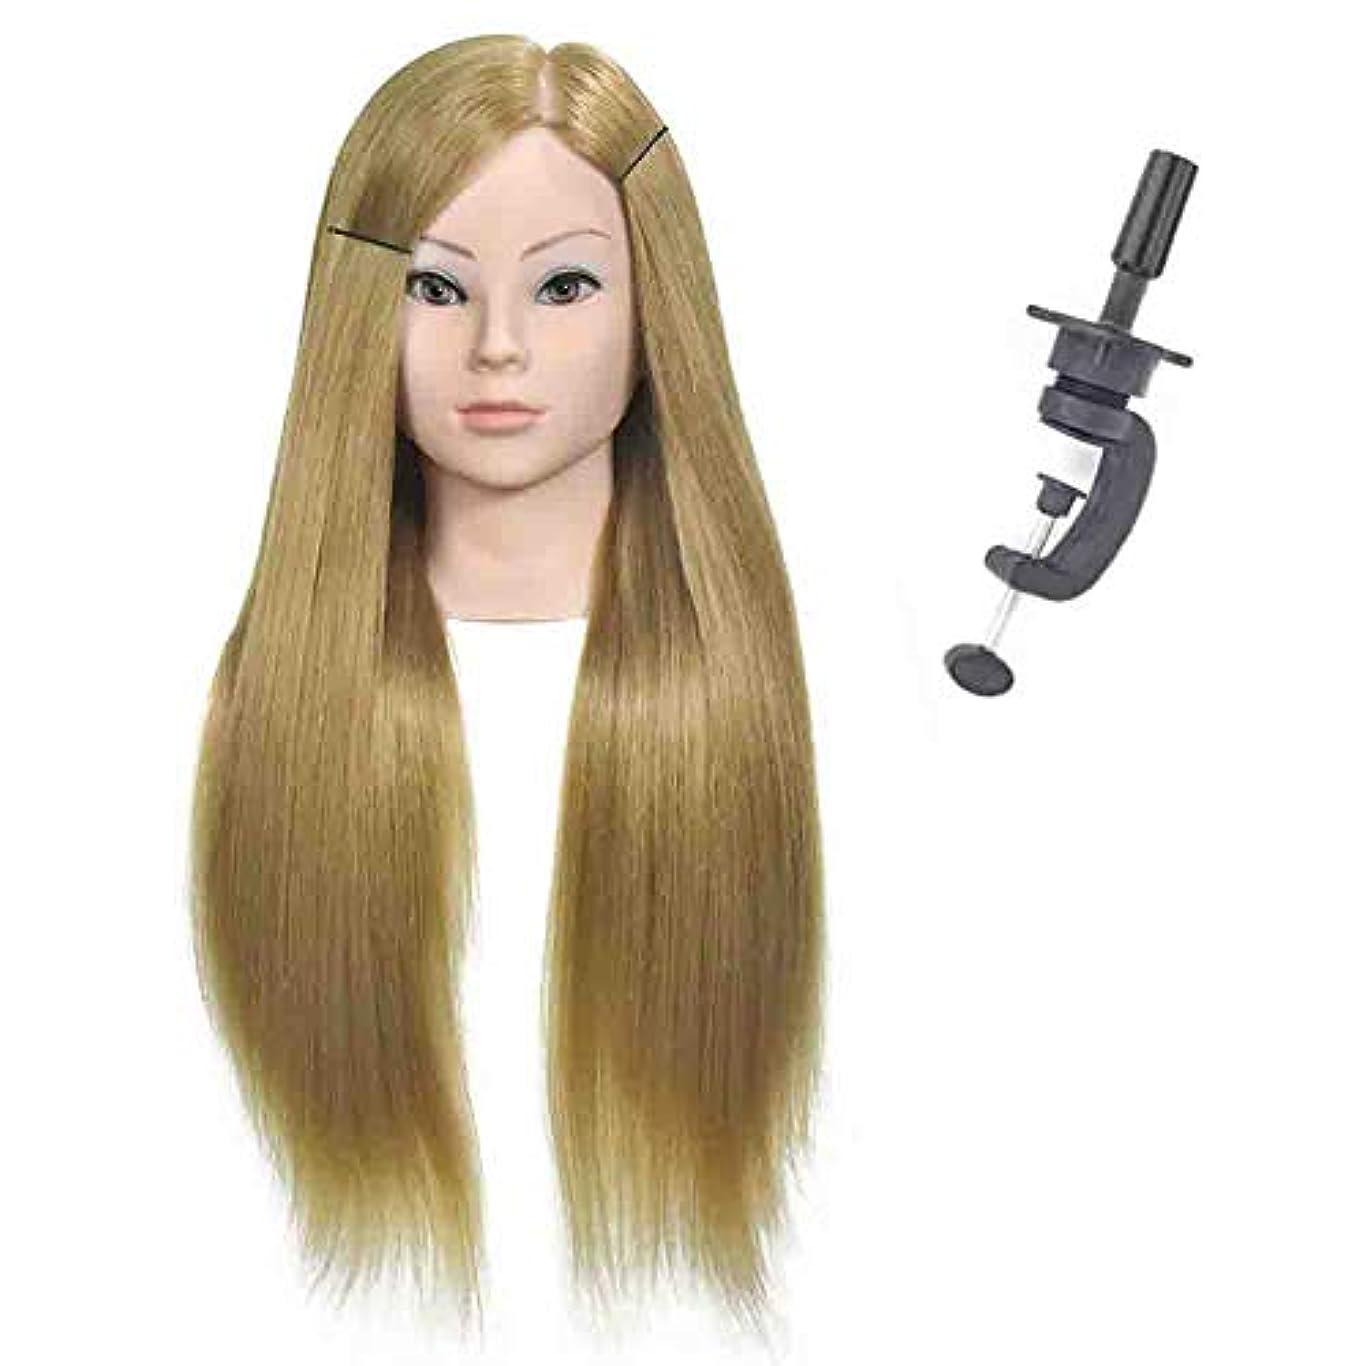 アライメント子豚モッキンバード花嫁メイクモデリング教育ヘッド本物の人物ヘアダミーヘッドモデル理髪店学習パーマ髪染めモデルヘッド